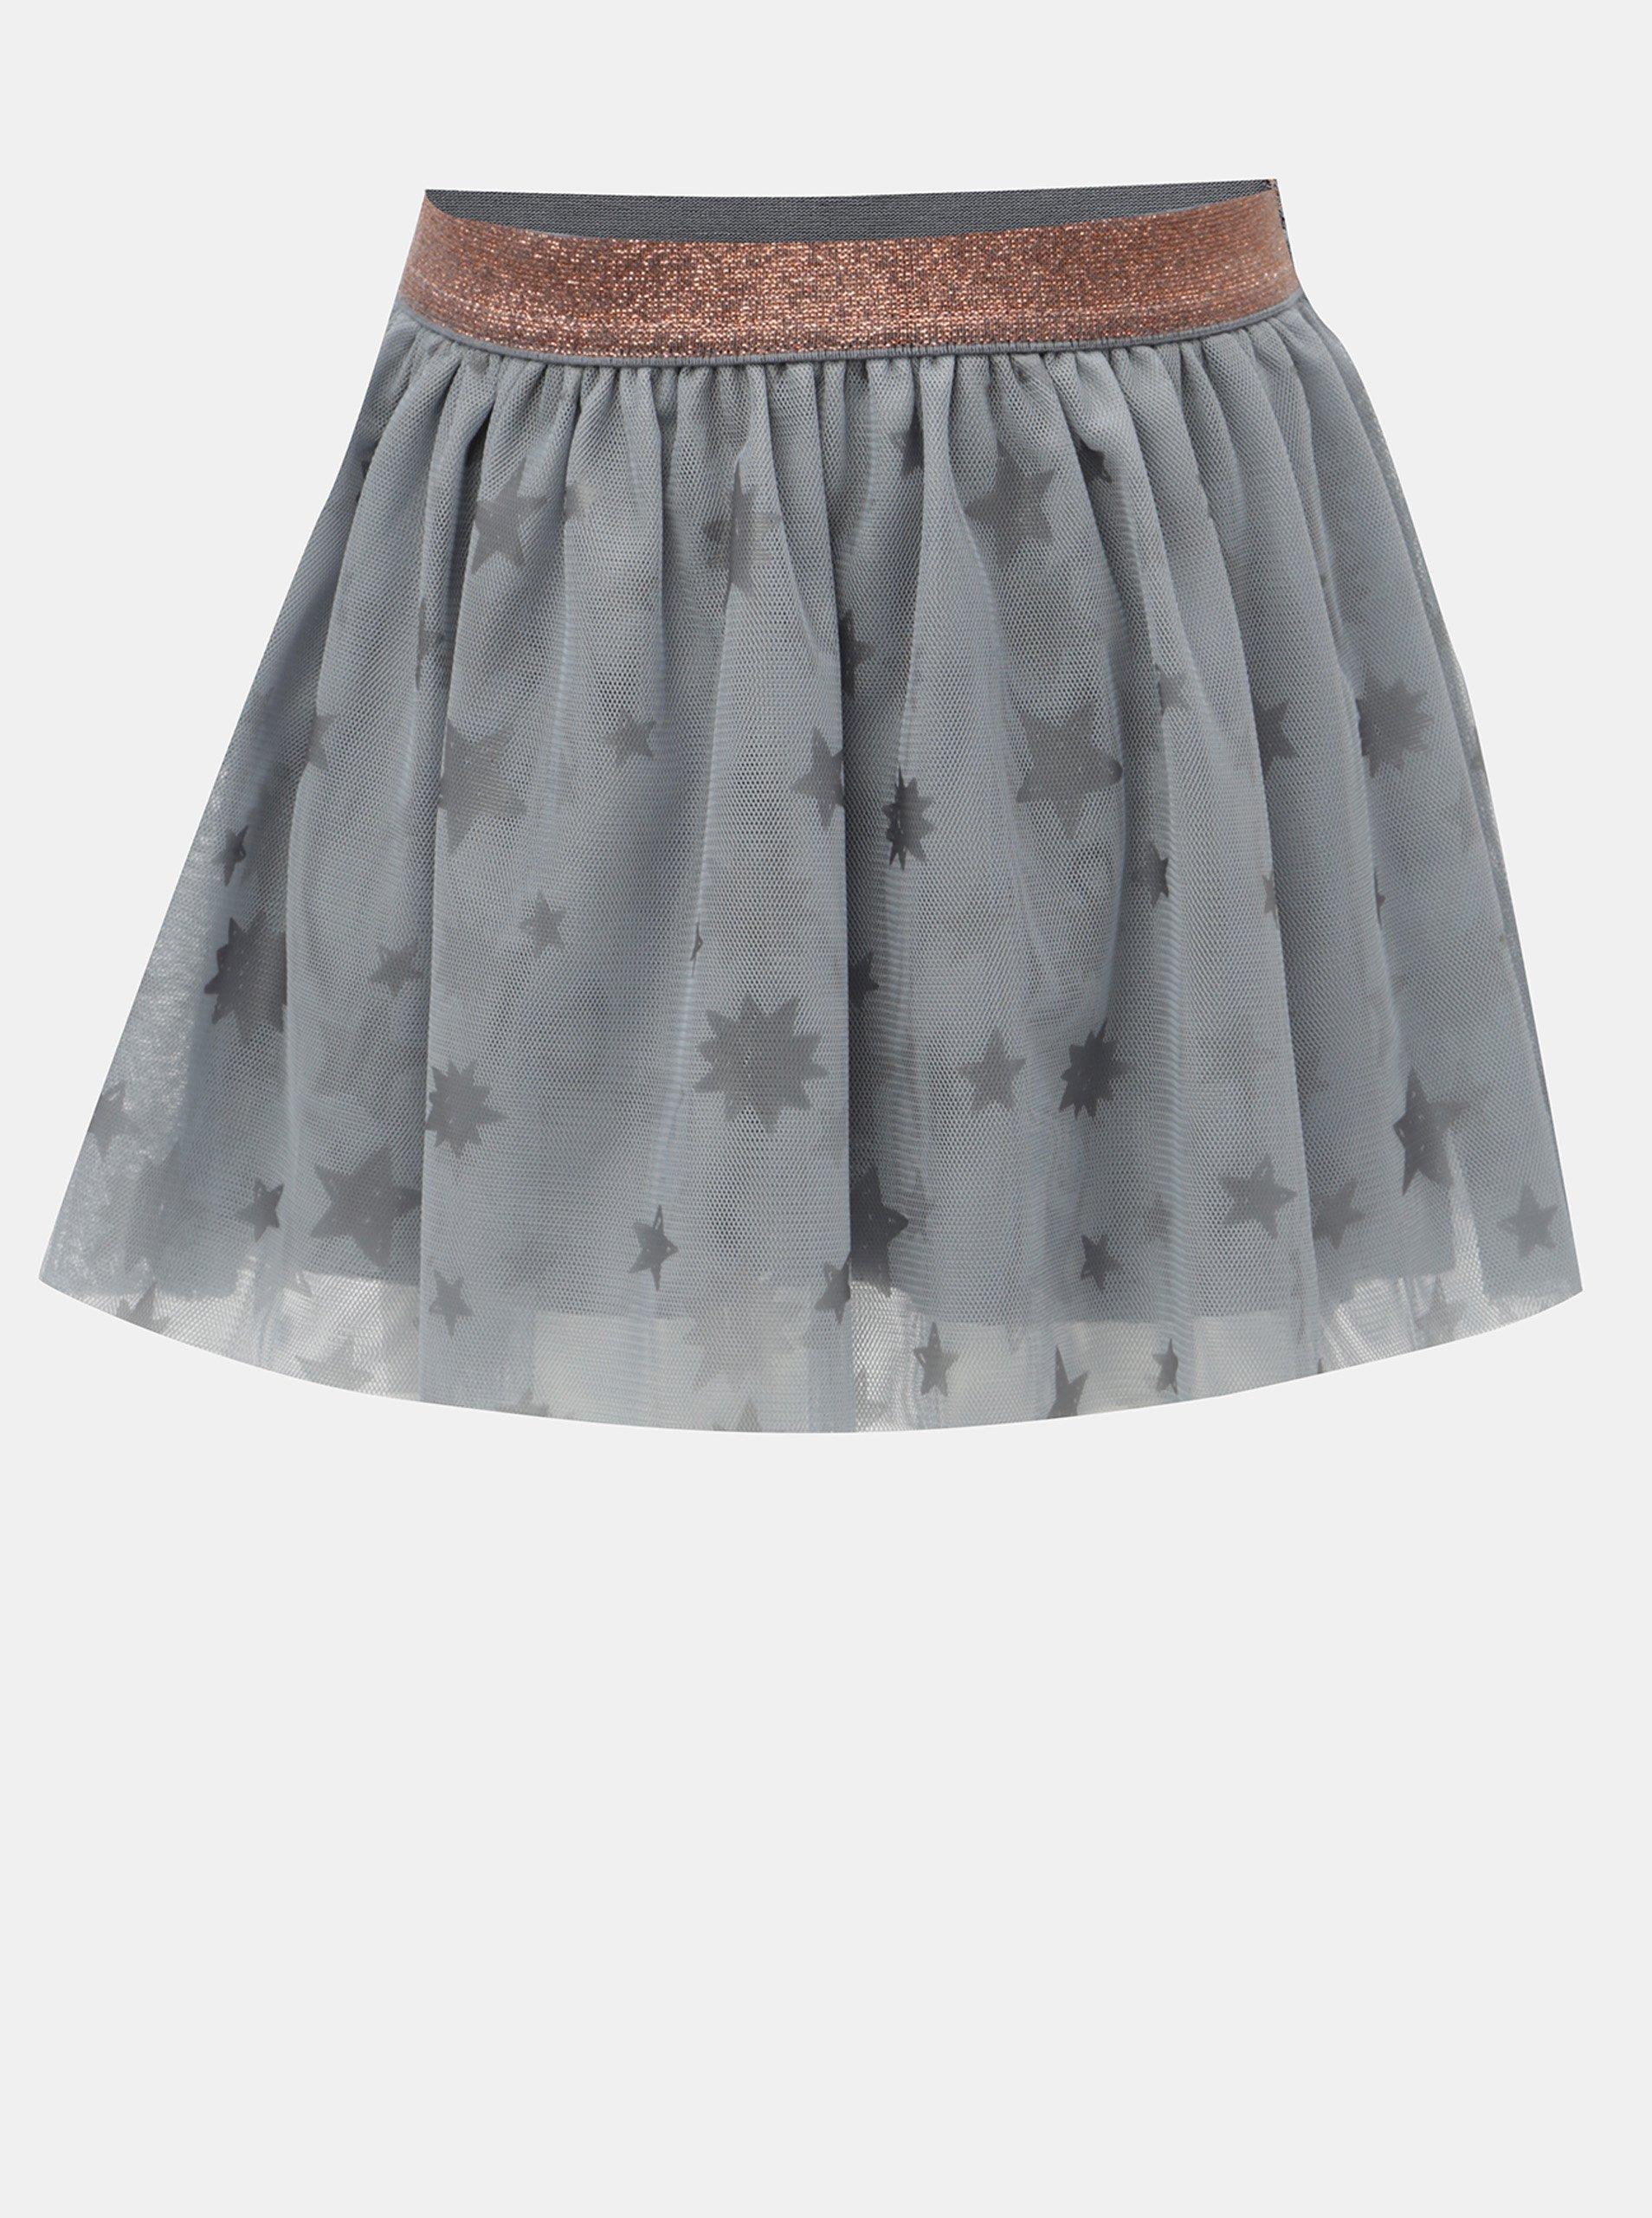 Šedá tylová sukně s potiskem hvězd BÓBOLI